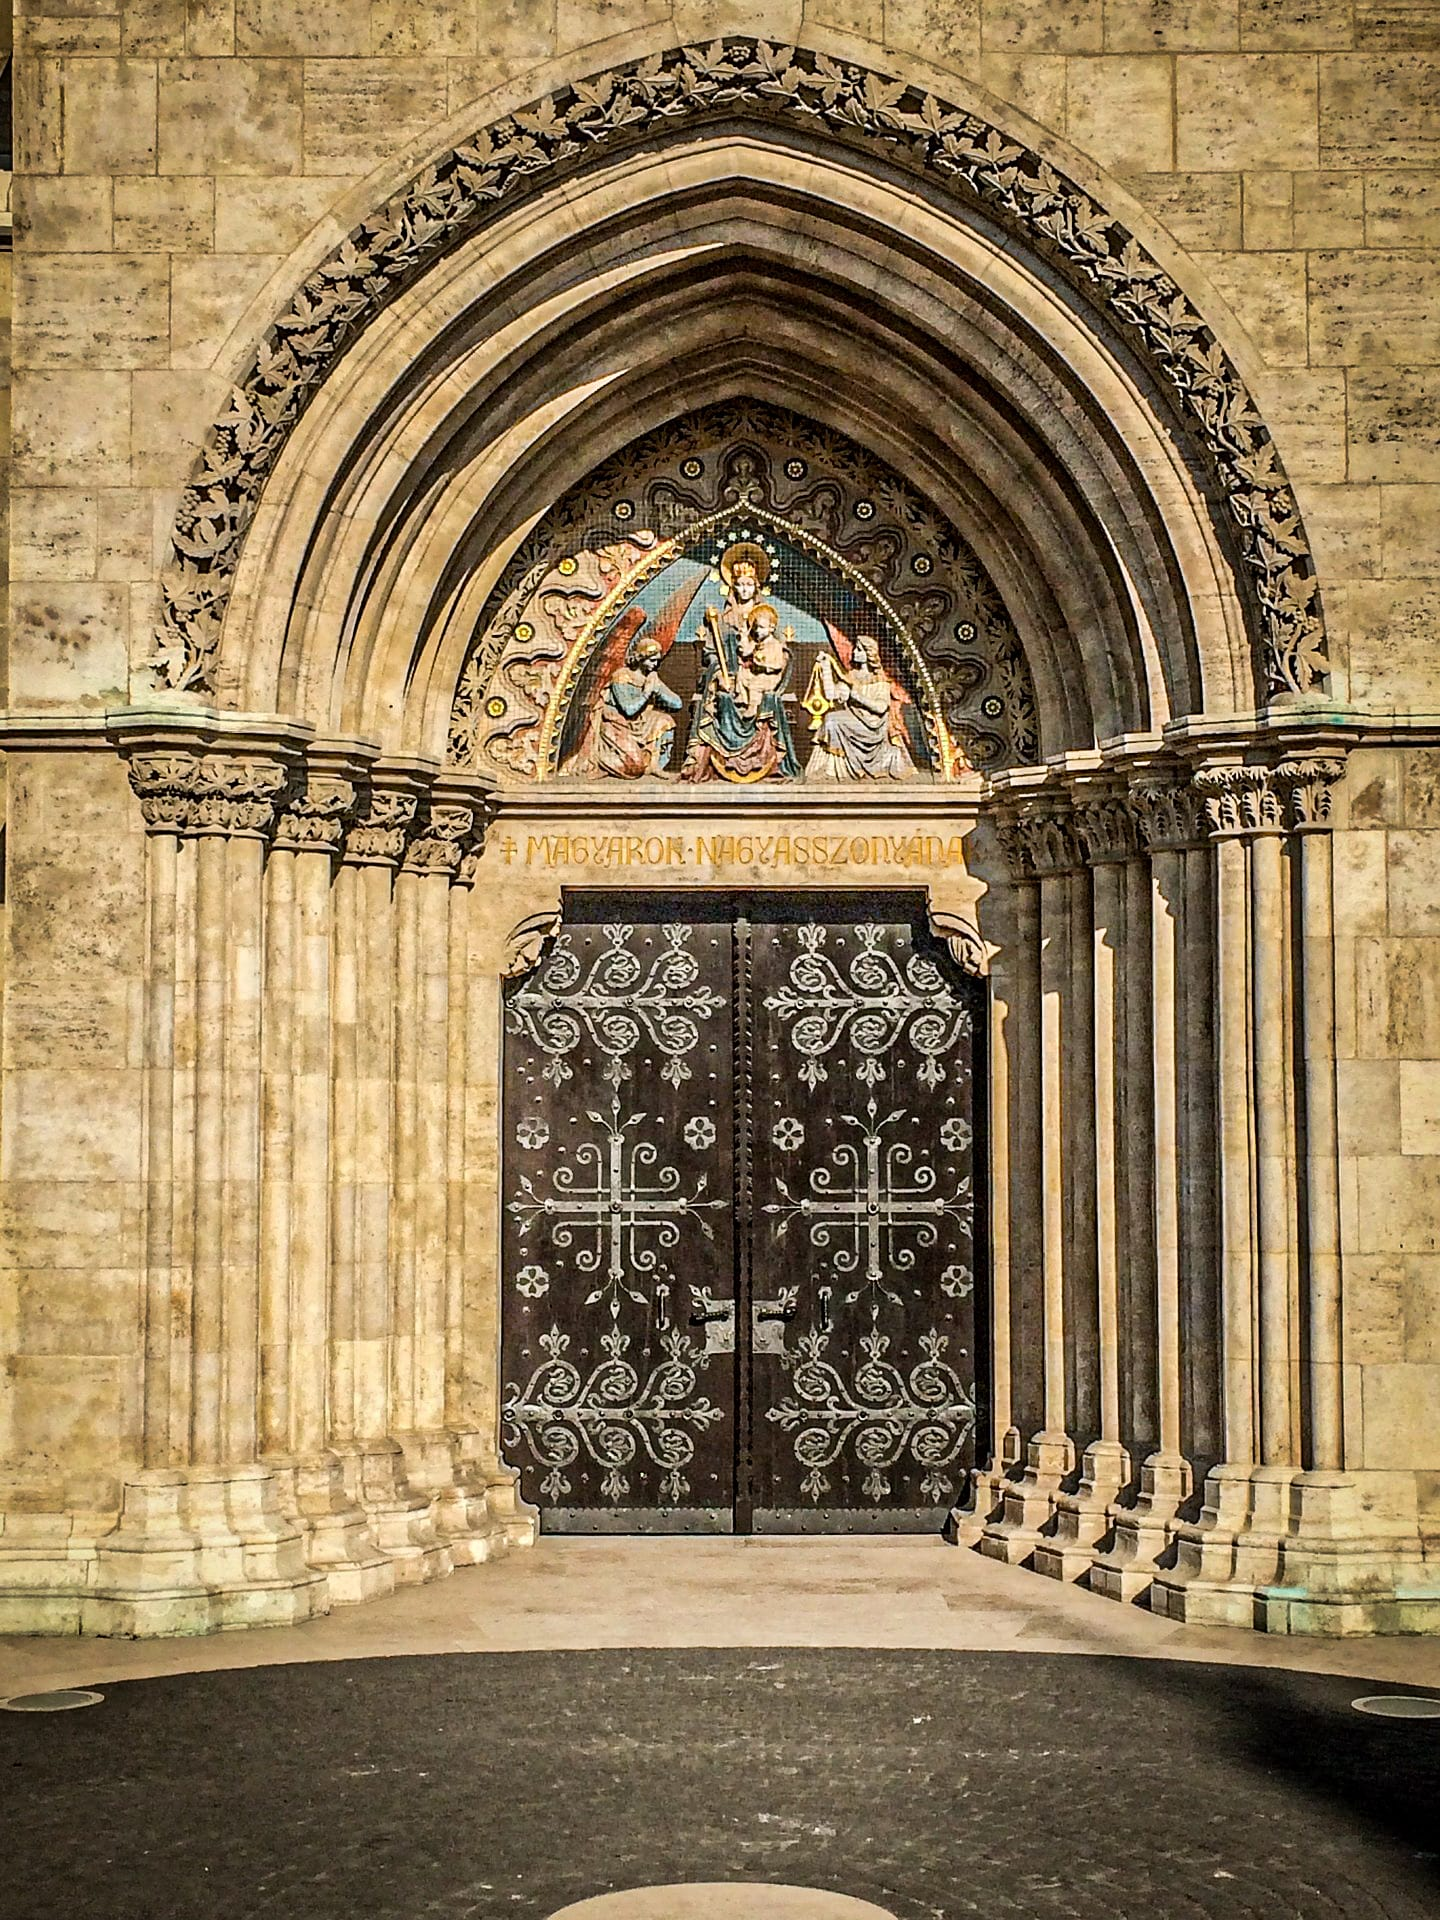 Coronation Church of Buda (Matthias Church) - tympanum